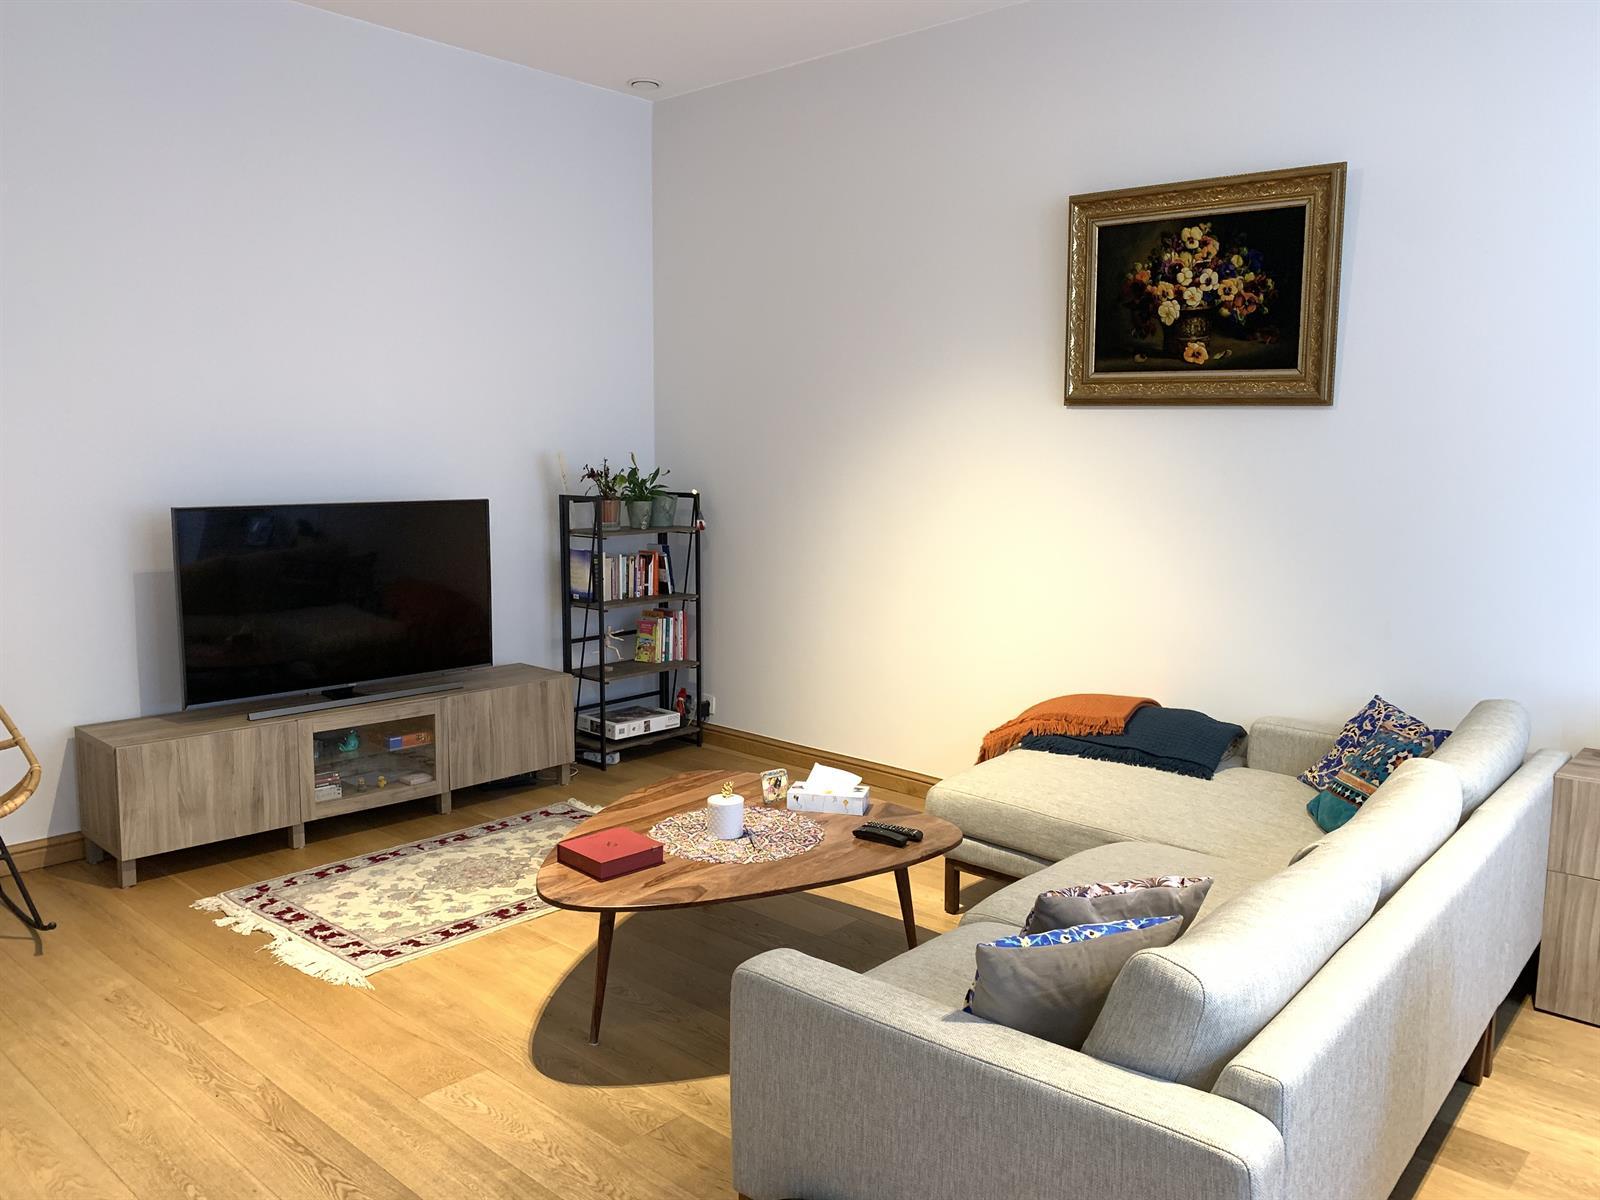 Appartement exceptionnel - Bruxelles - #4056384-38